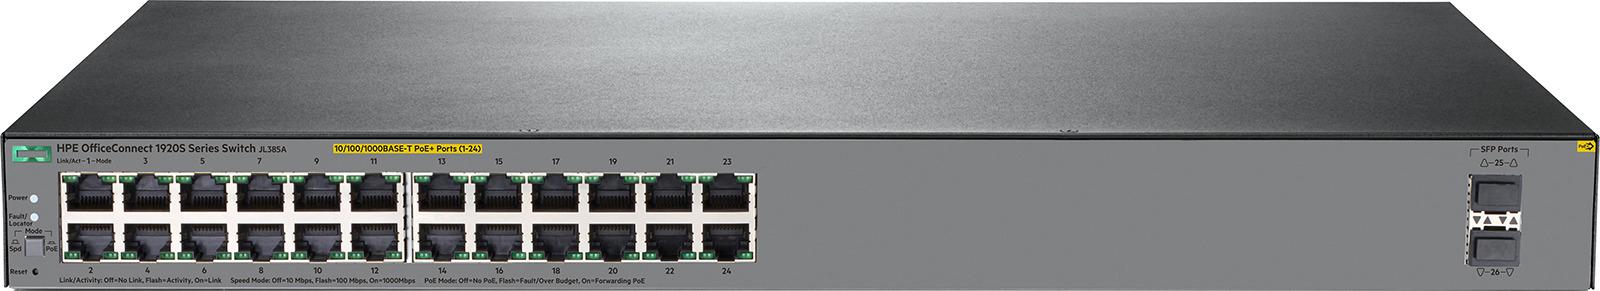 Коммутатор HPE OfficeConnect 1920S, управляемый, JL385A коммутатор hpe 1820 24g poe управляемый j9983a